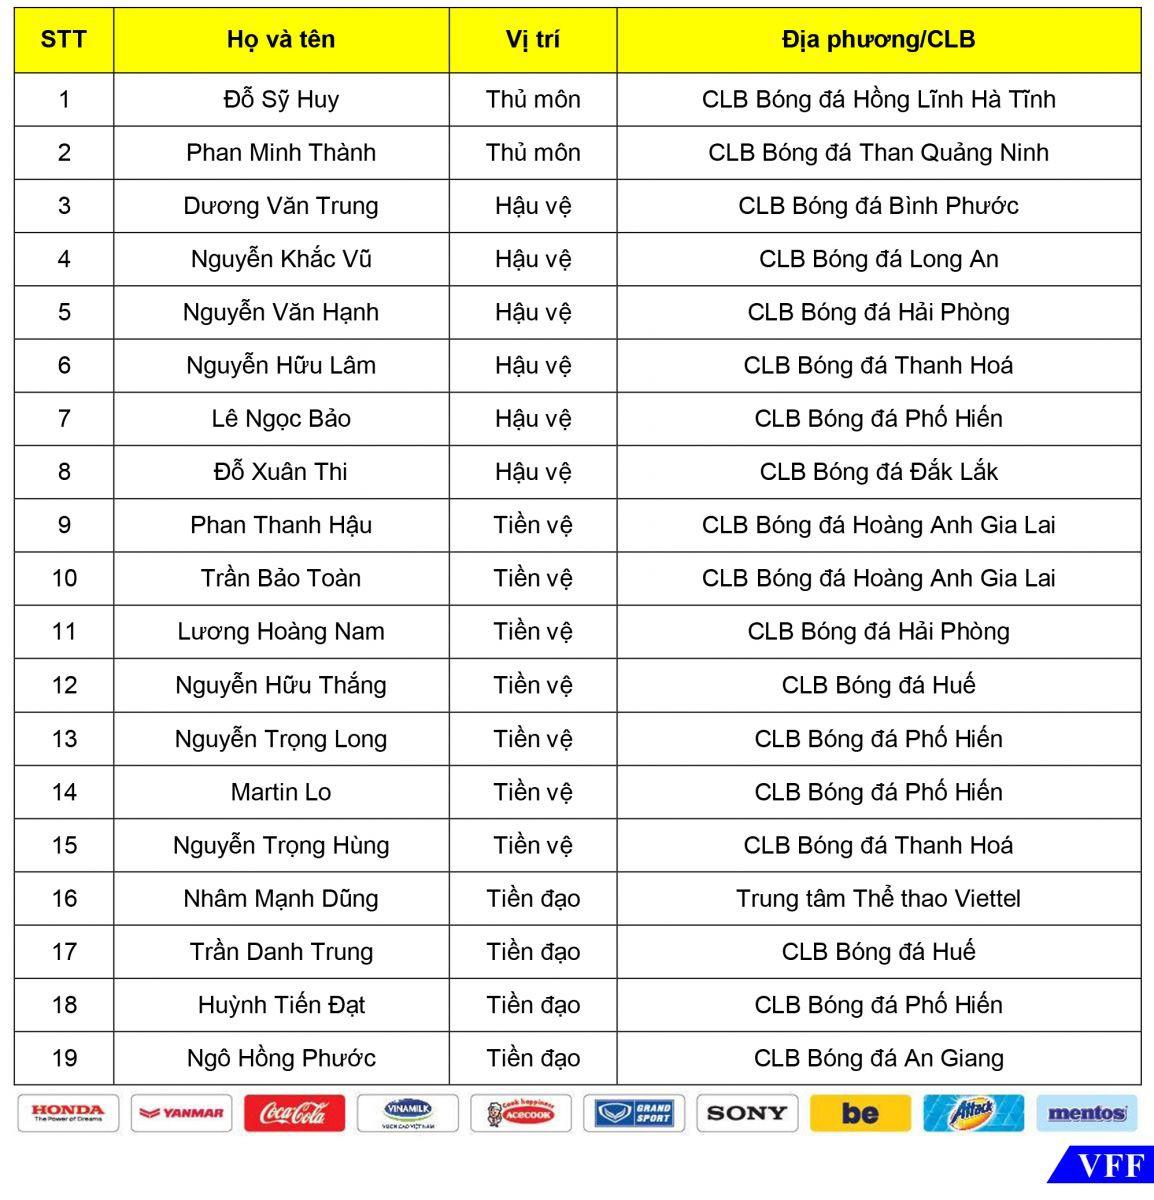 19 cầu thủ được triệu tập cho đợt tập trung ngắn hạn lần 2 của U22 Việt Nam  - Ảnh 2.